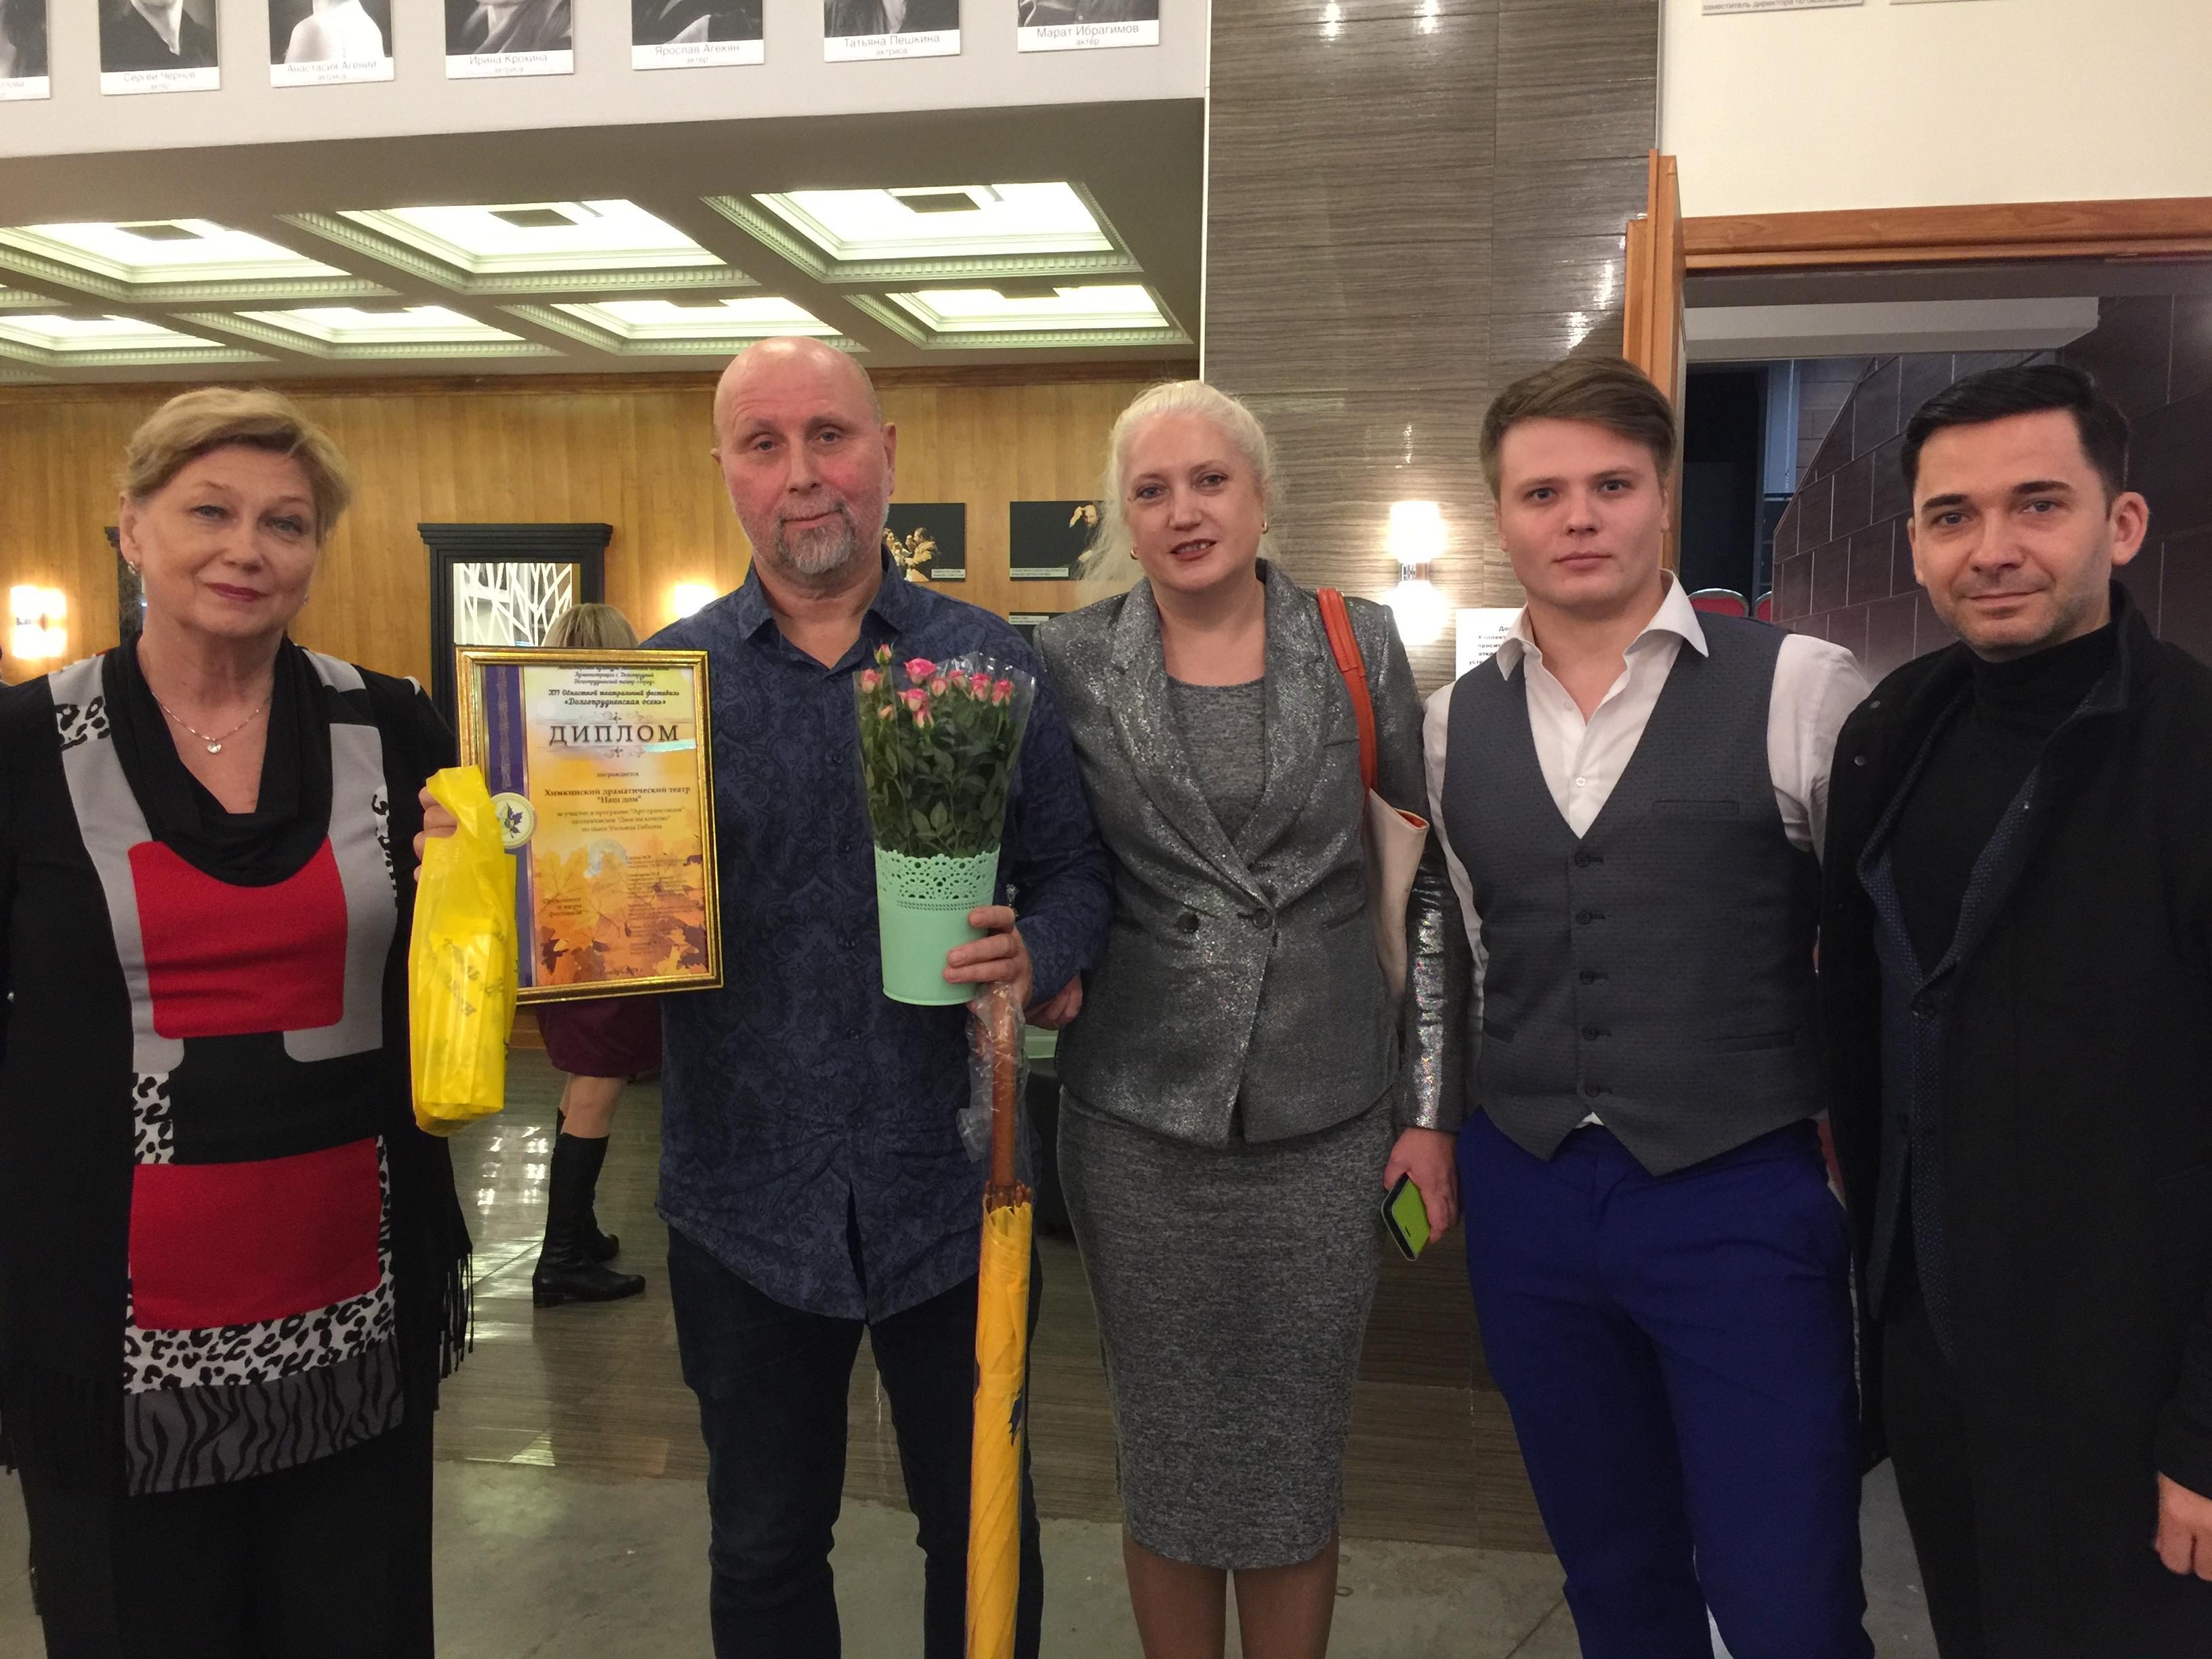 Критик и аналитик театра Ольга Сенаторова, художественный руководитель театра